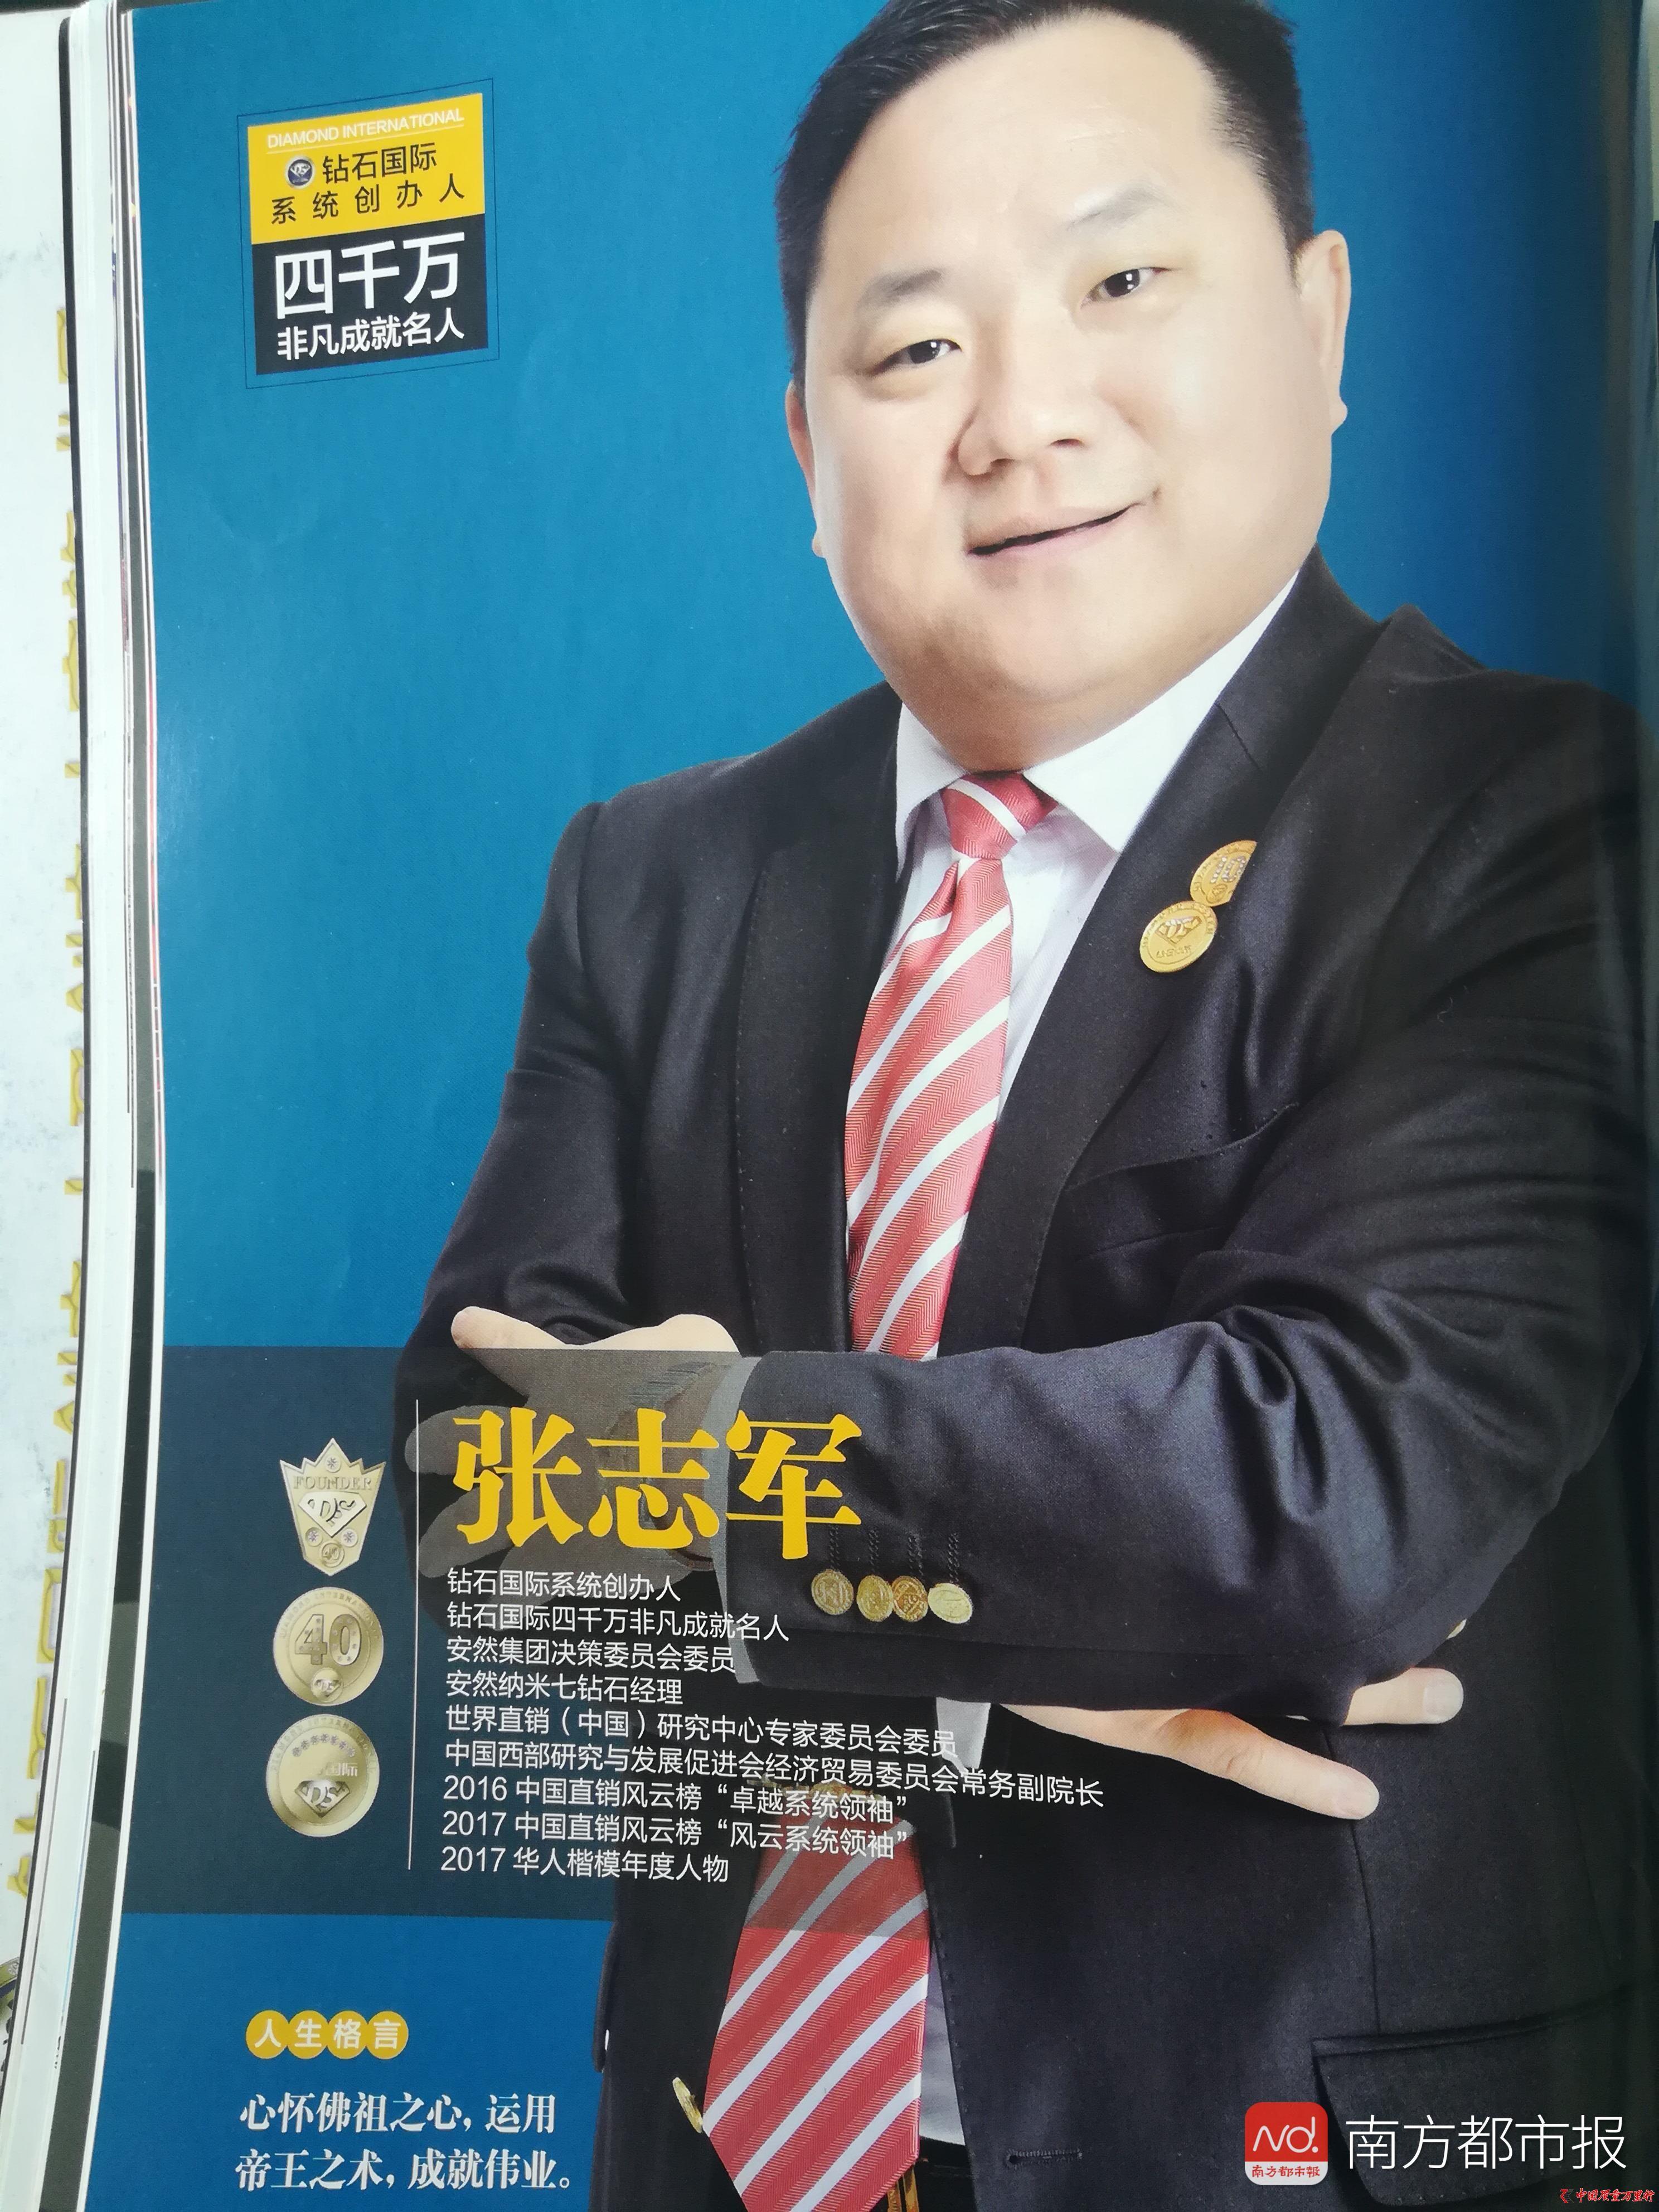 一份直销杂志专刊中,安然钻石创始人张志军占了一页.jpg